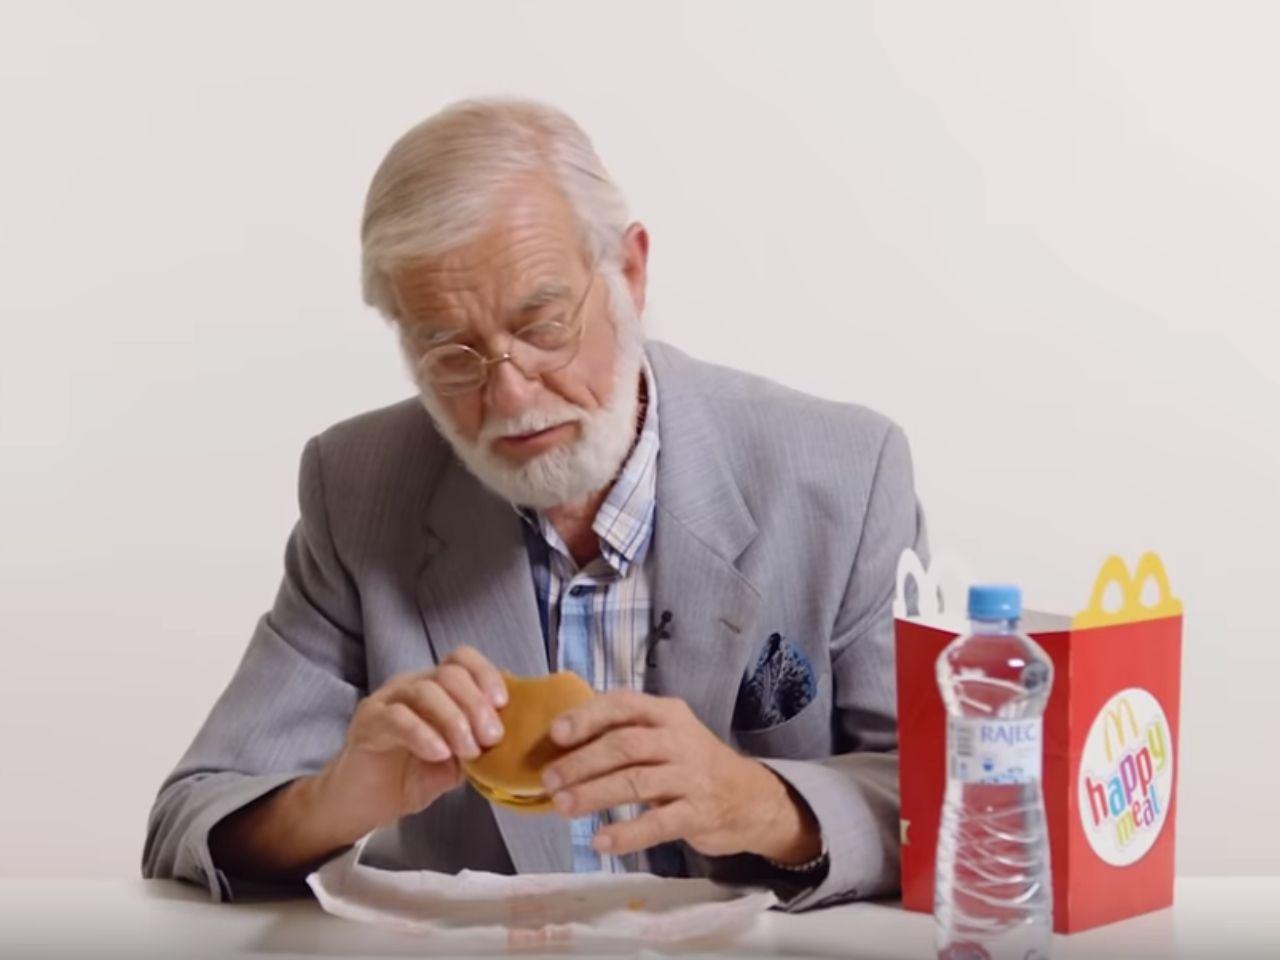 Důchodci zkouší McDonalds